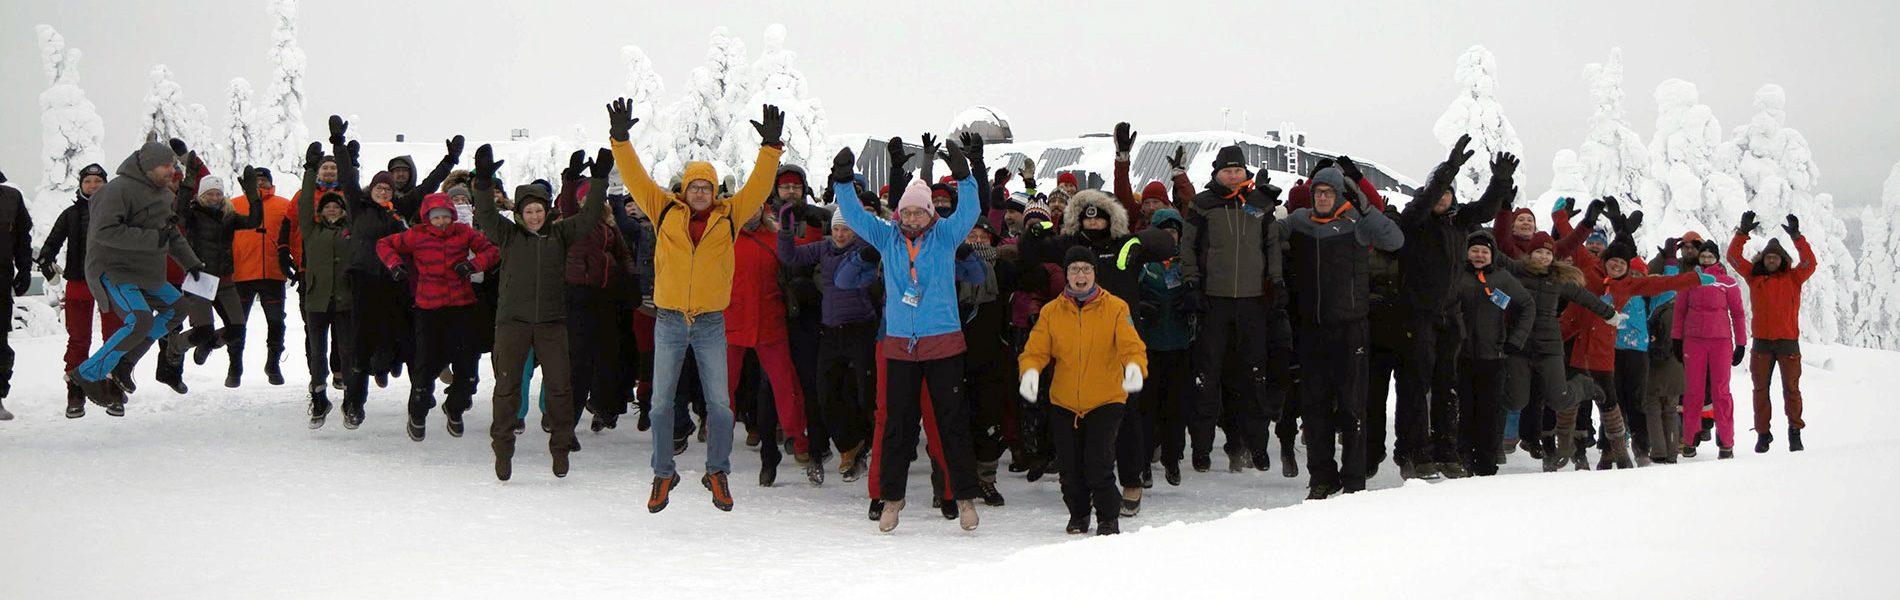 Seikkailukasvatuspäivien osallistujat Pikku-Syötteellä talvella, noin sata ihmistä hyppäämässä ilmaan.